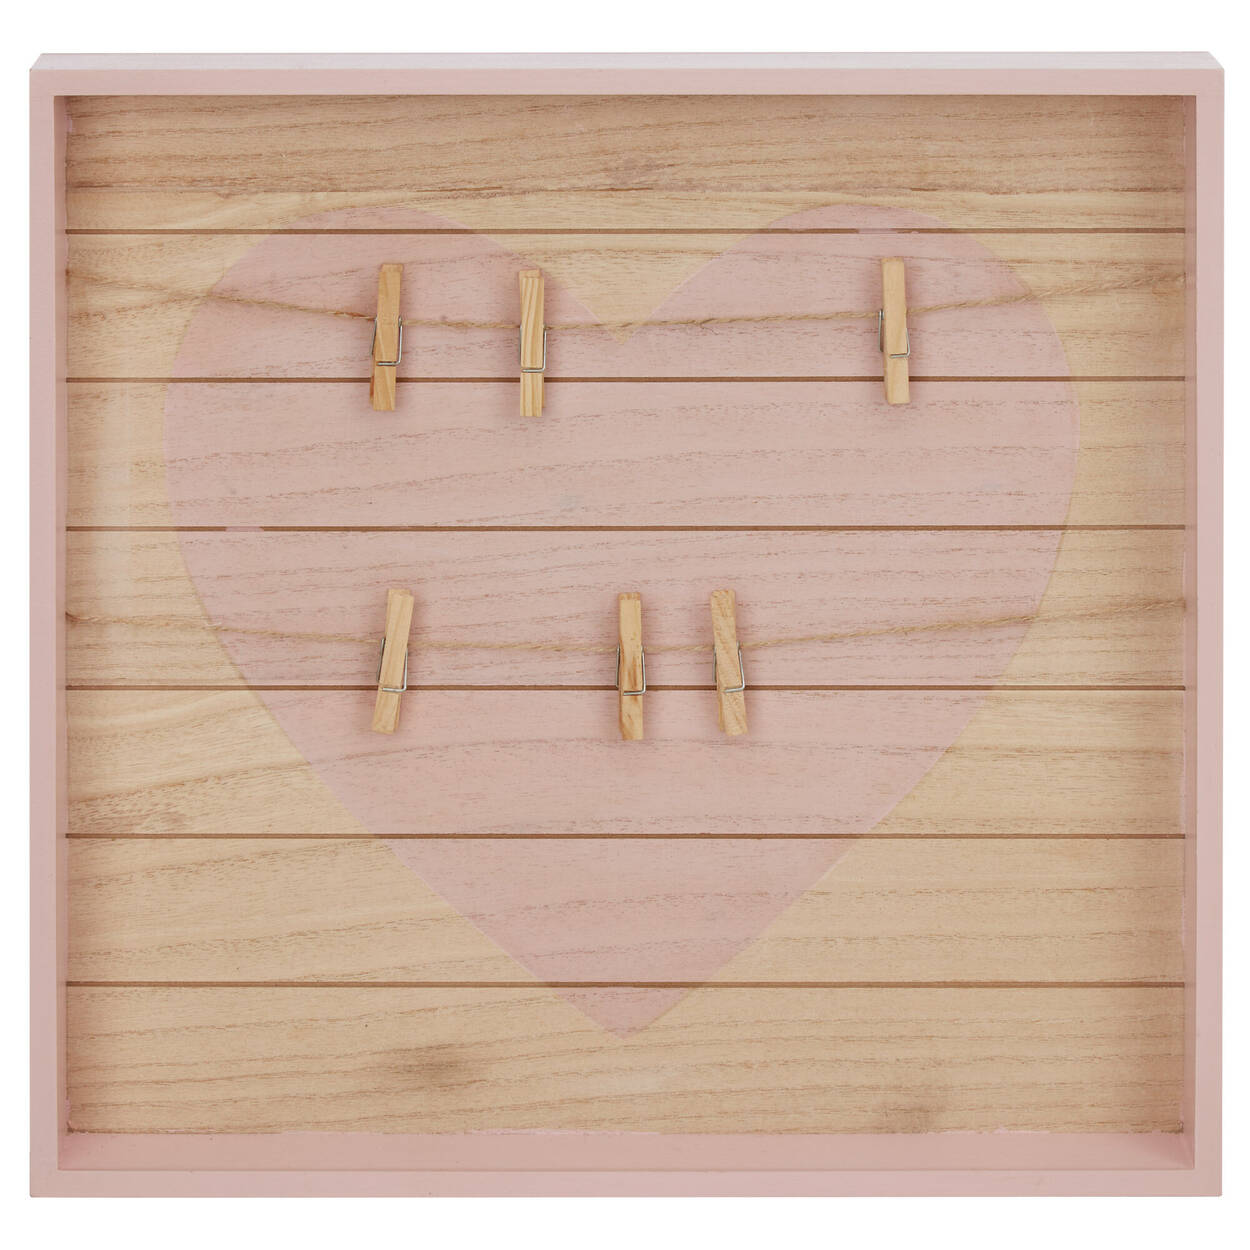 Tableau aide-mémoire en bois avec pinces